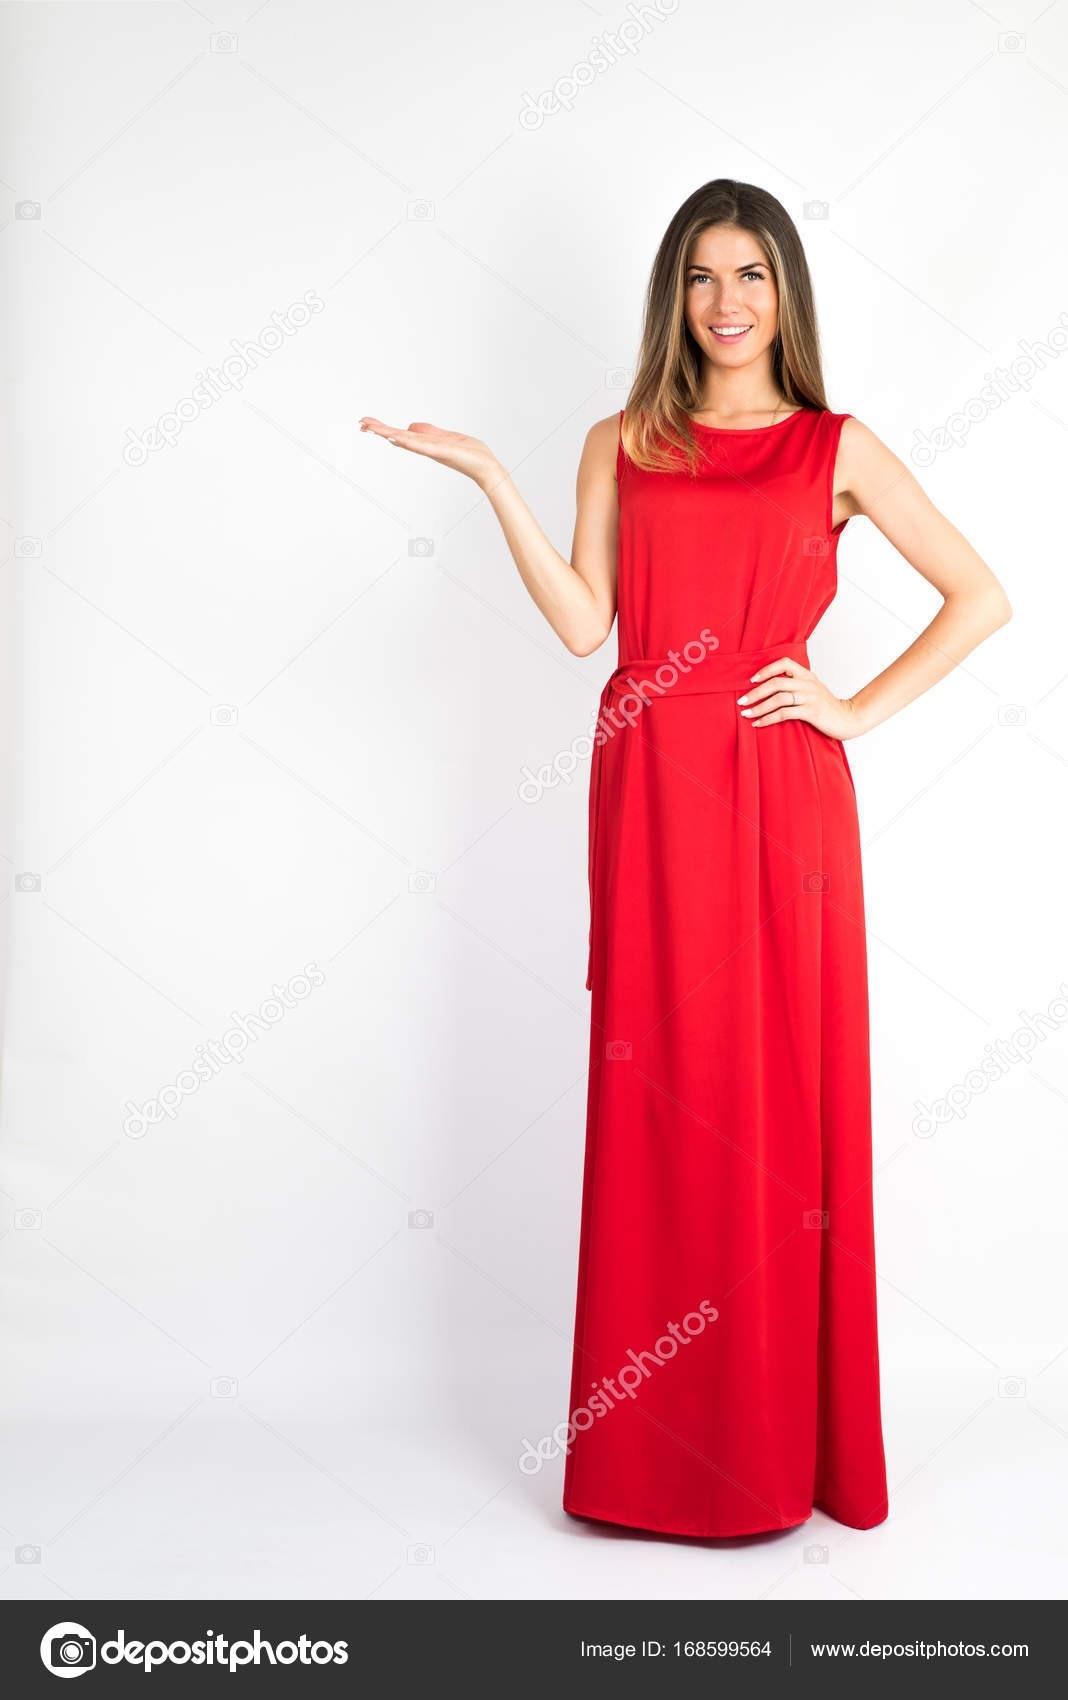 20 Erstaunlich Frau Im Abendkleid Spezialgebiet17 Fantastisch Frau Im Abendkleid Galerie